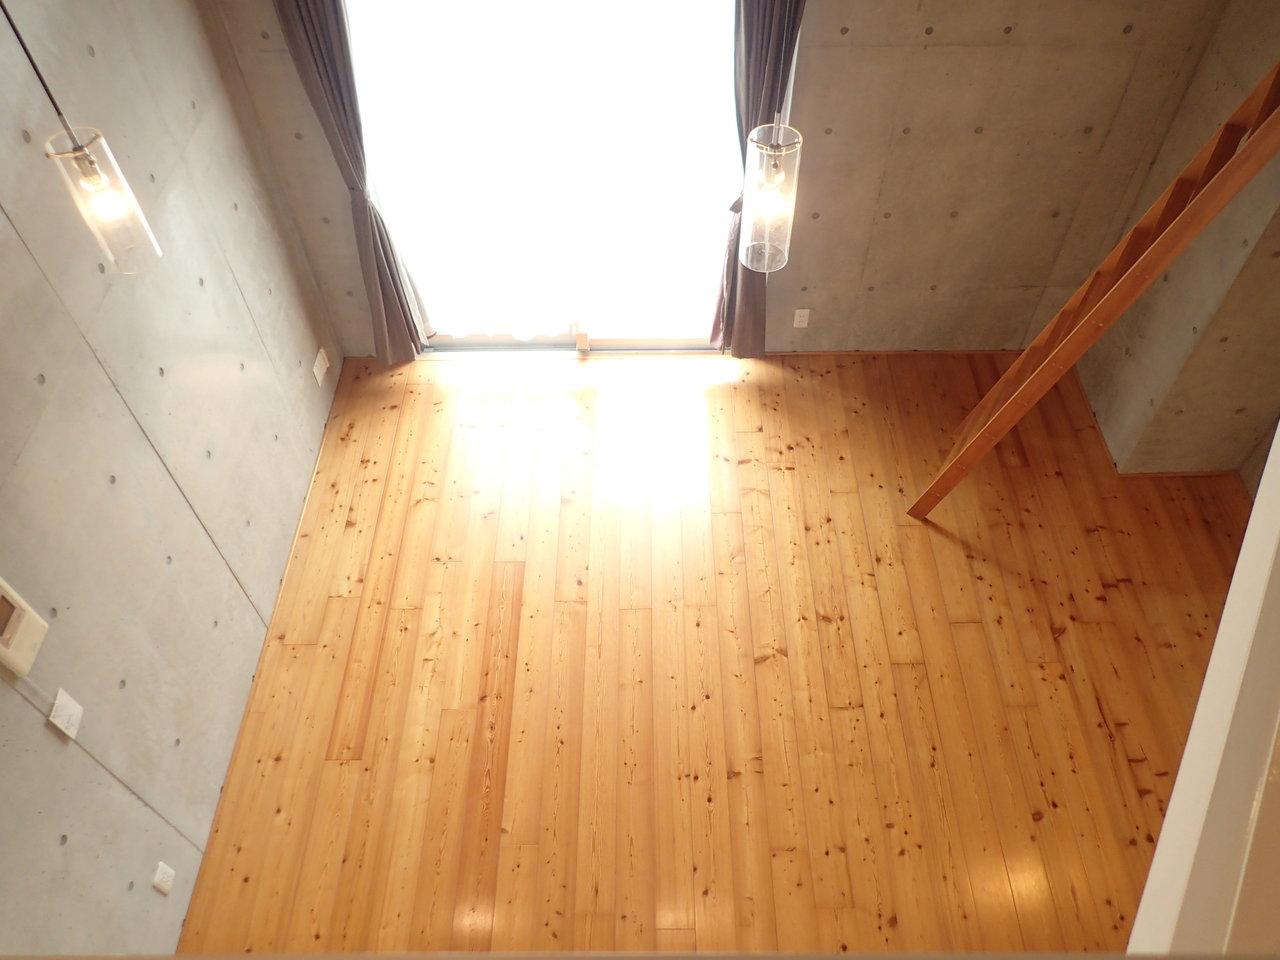 こだわりはもちろん、杉をふんだんに使った無垢床。本物の木材を使用しているので、ひとつひとつ違う顔をしているのが個性的でいいですよね。